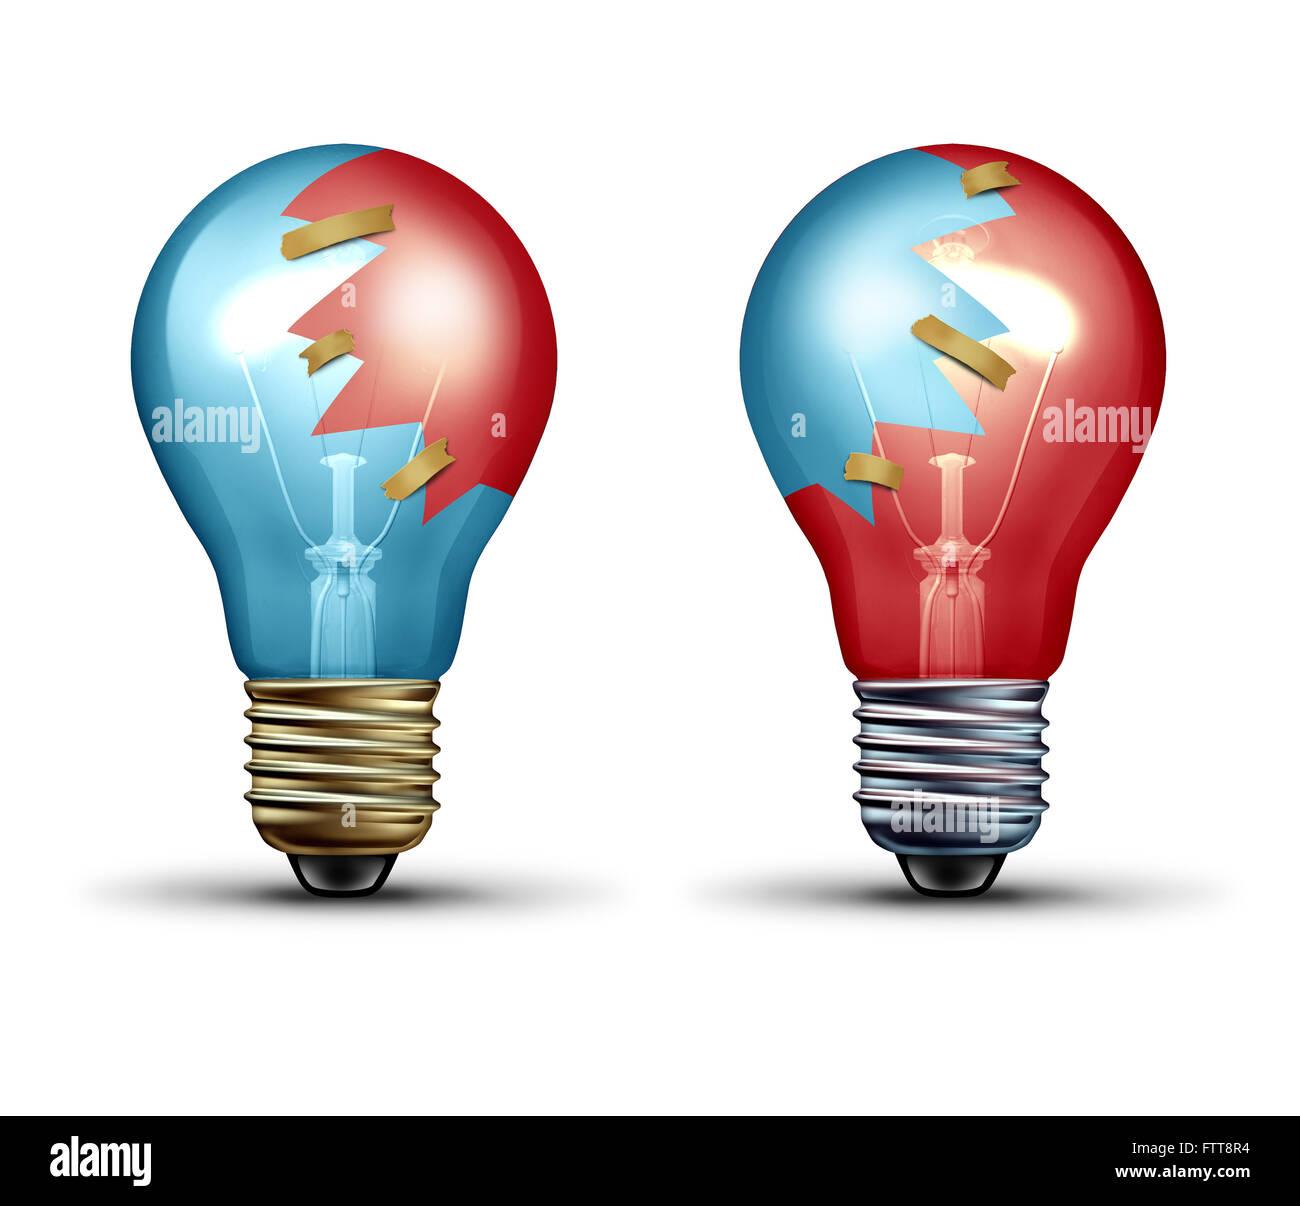 Idee-Trade-Konzept als zwei Glühbirnen oder Glühbirne Symbole mit gemeinsam genutzten Glasscheiben als Stockbild